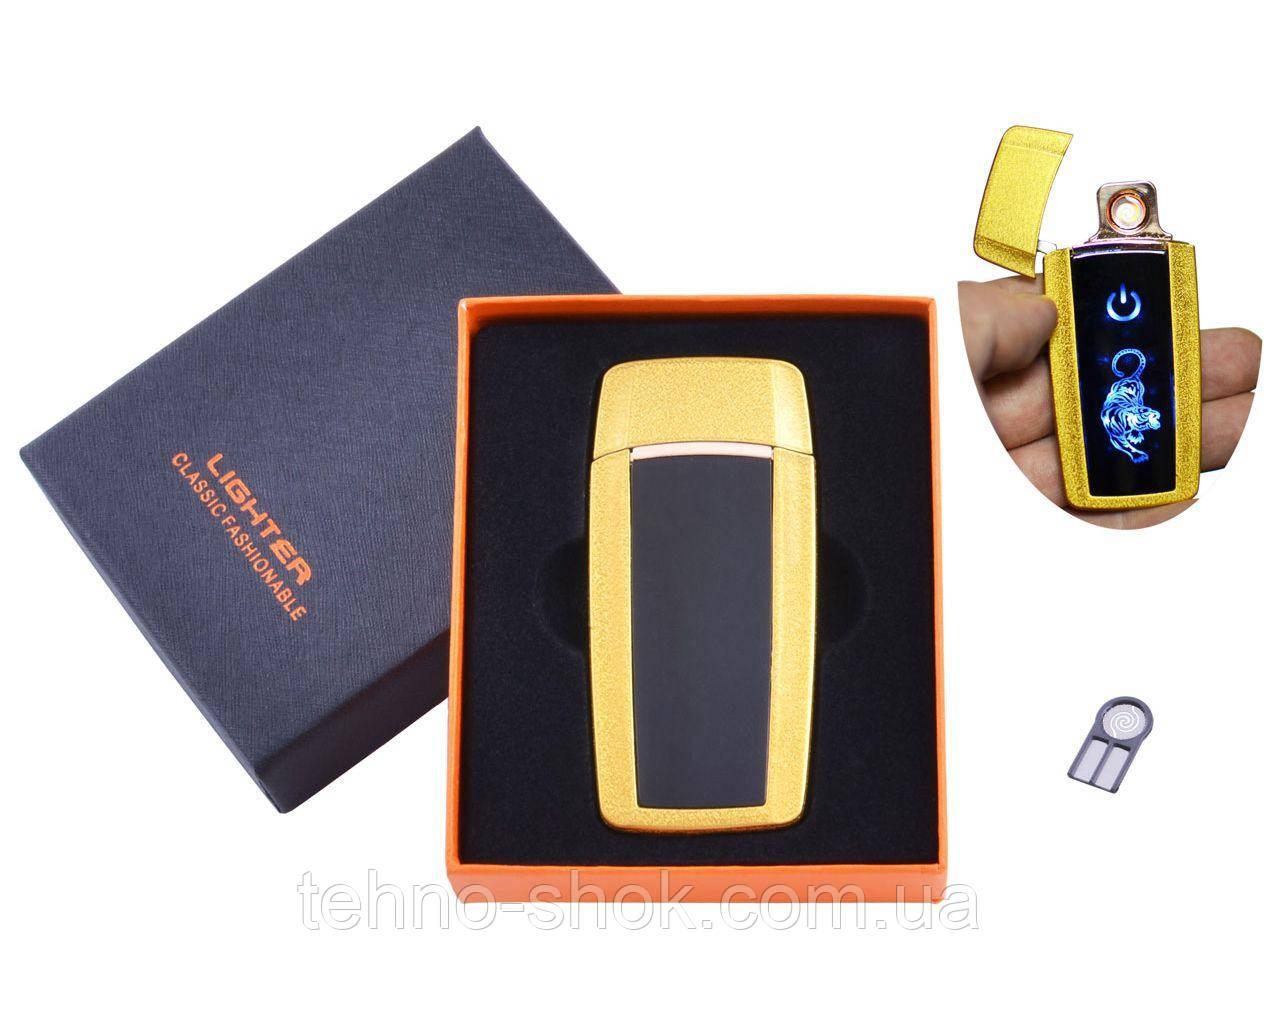 USB зажигалка в подарочной упаковке Тигр (Спираль накаливания) HL-55 Gold